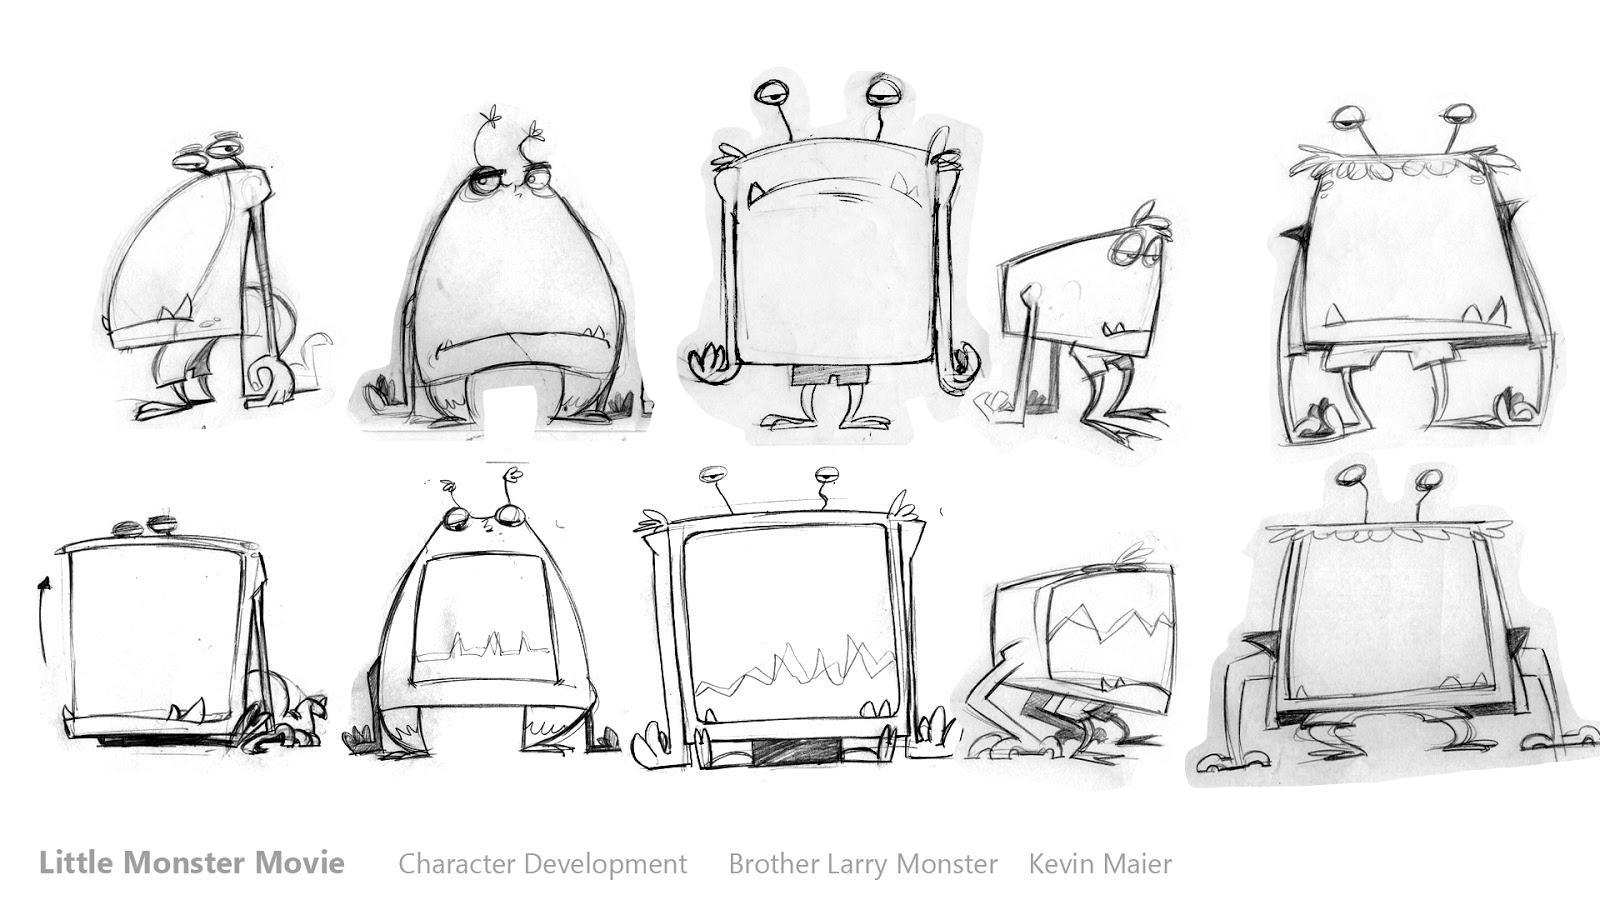 Kevin Maier's Sketch Blog: I'm Back